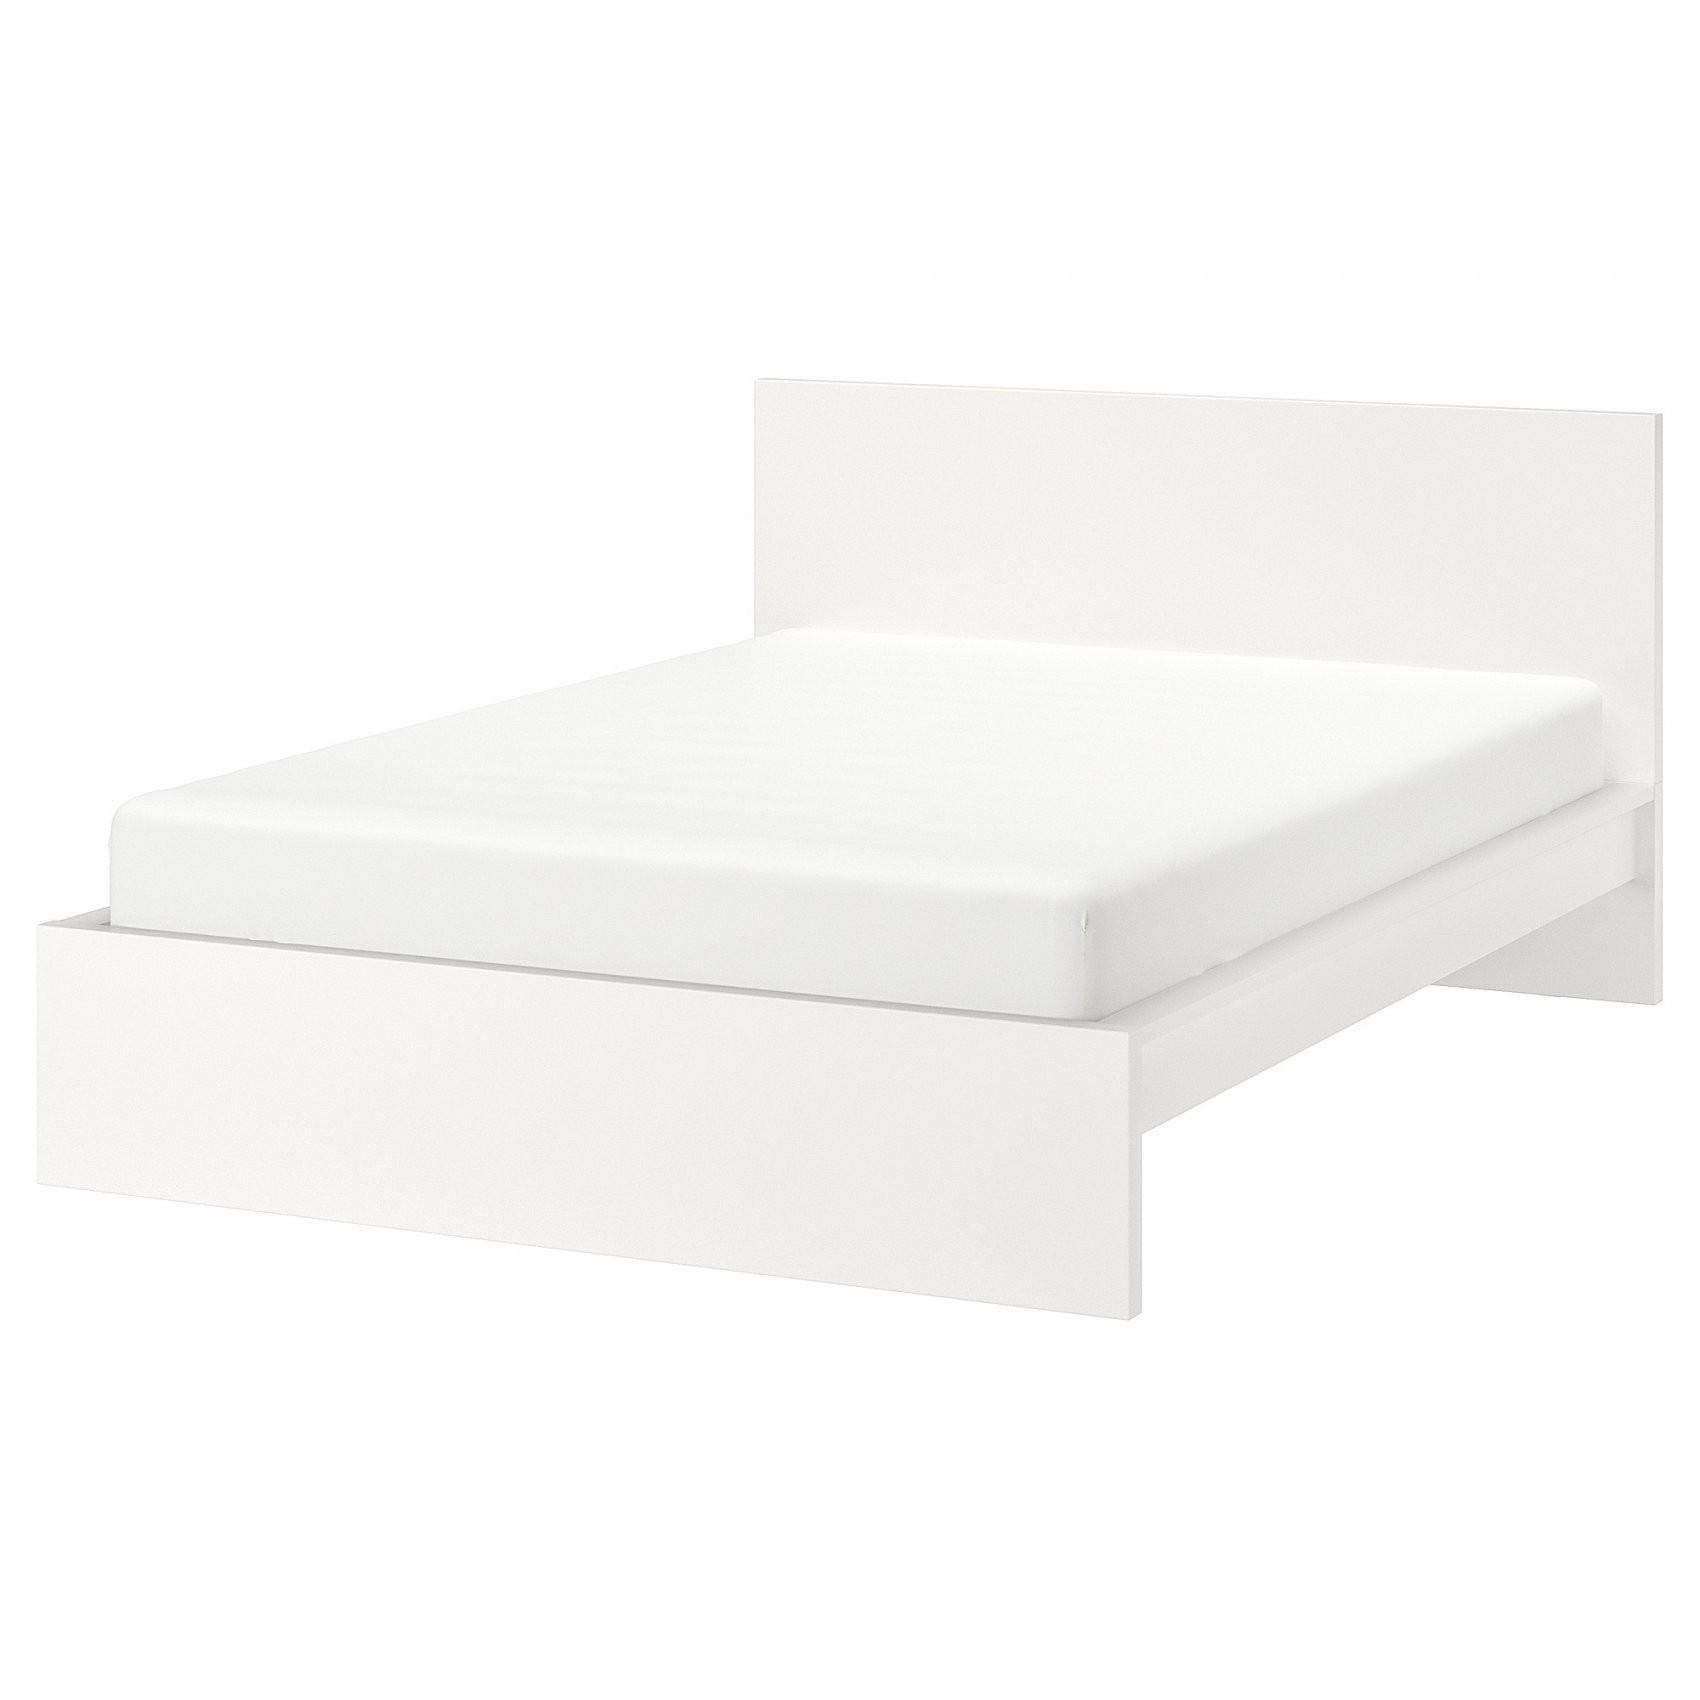 Malm Bettgestell Hoch  180X200 Cm  Weiß  Ikea von Ikea Bett Weiß 180X200 Photo